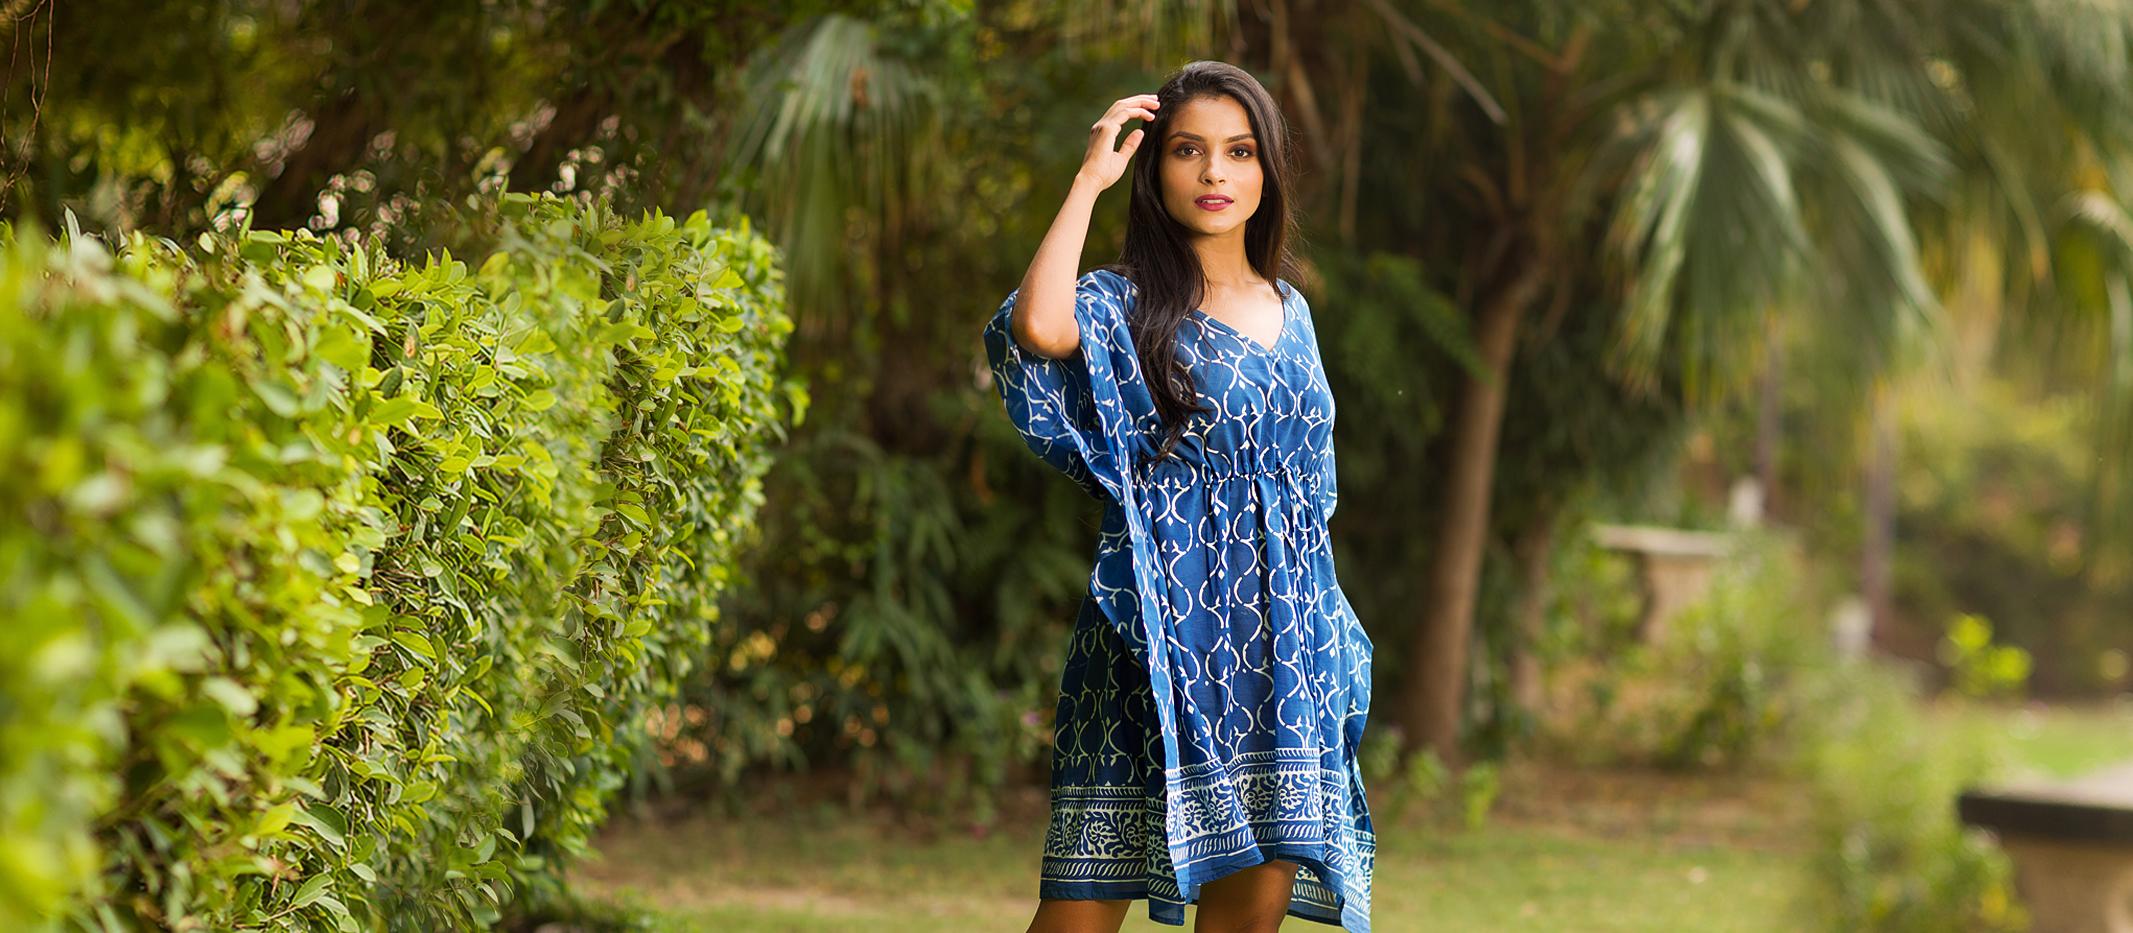 Kaftan dresses: simple yet fashionable